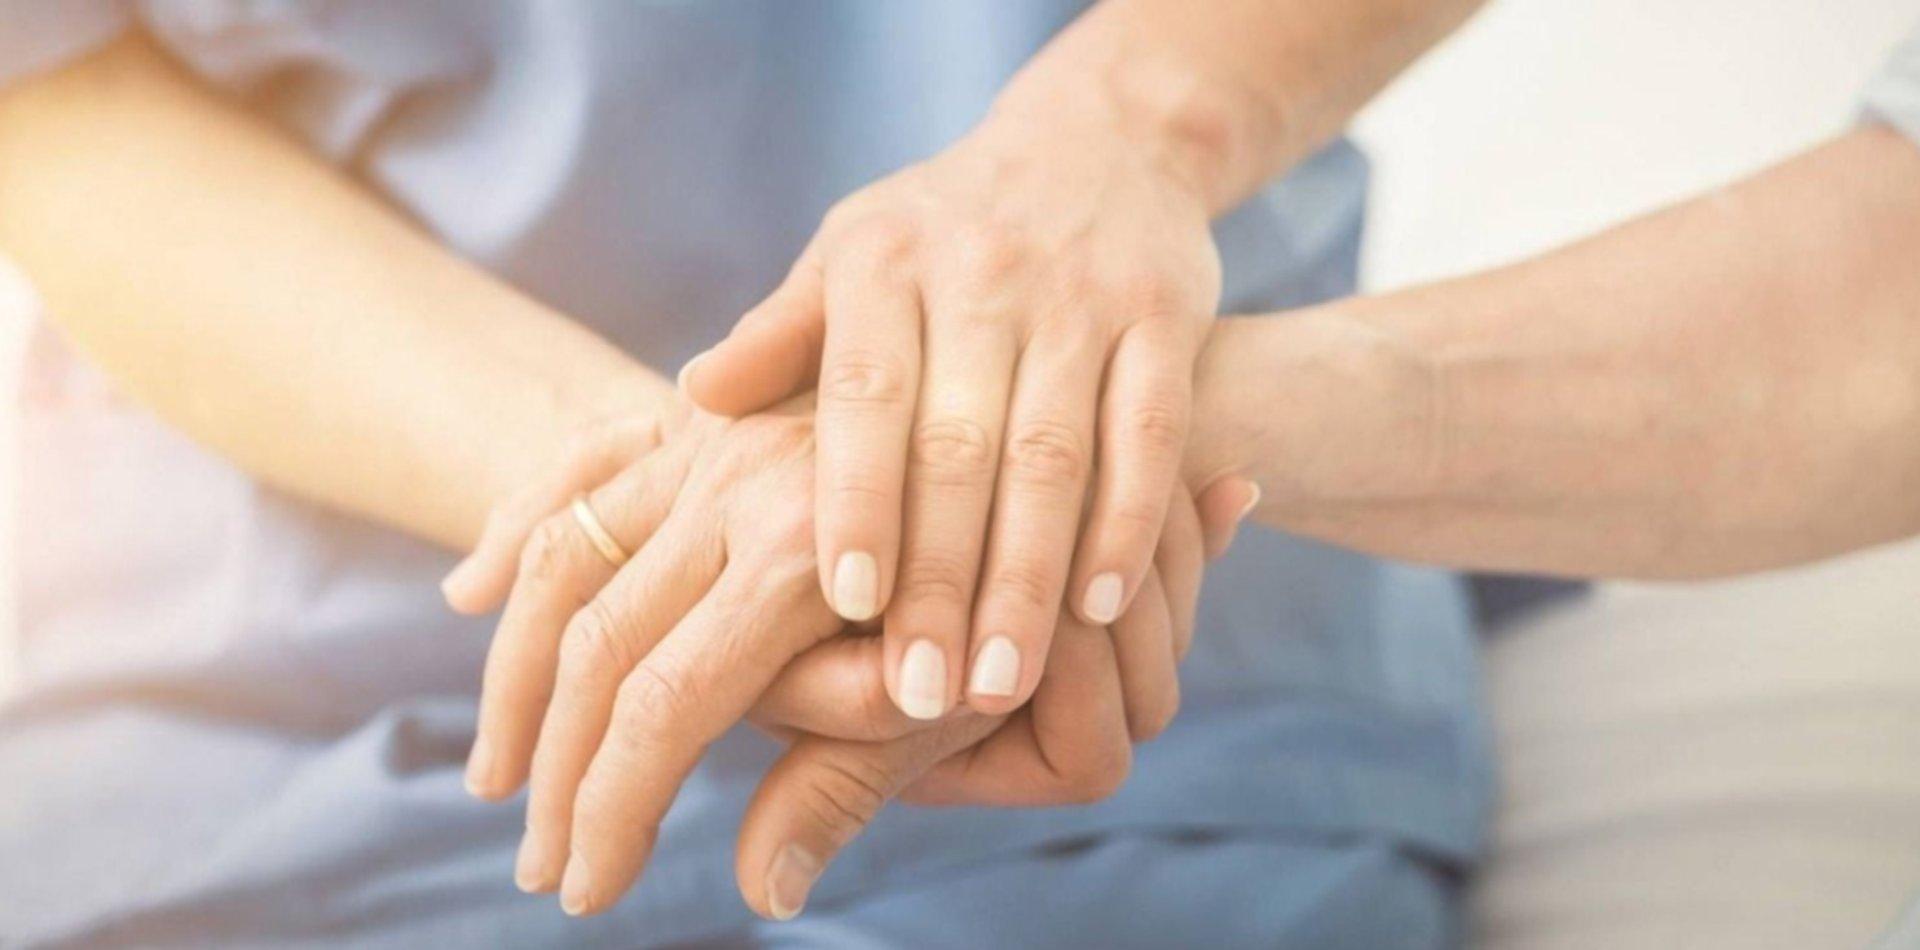 ¿Por qué se conmemora el Día Mundial de los Cuidados Paliativos?